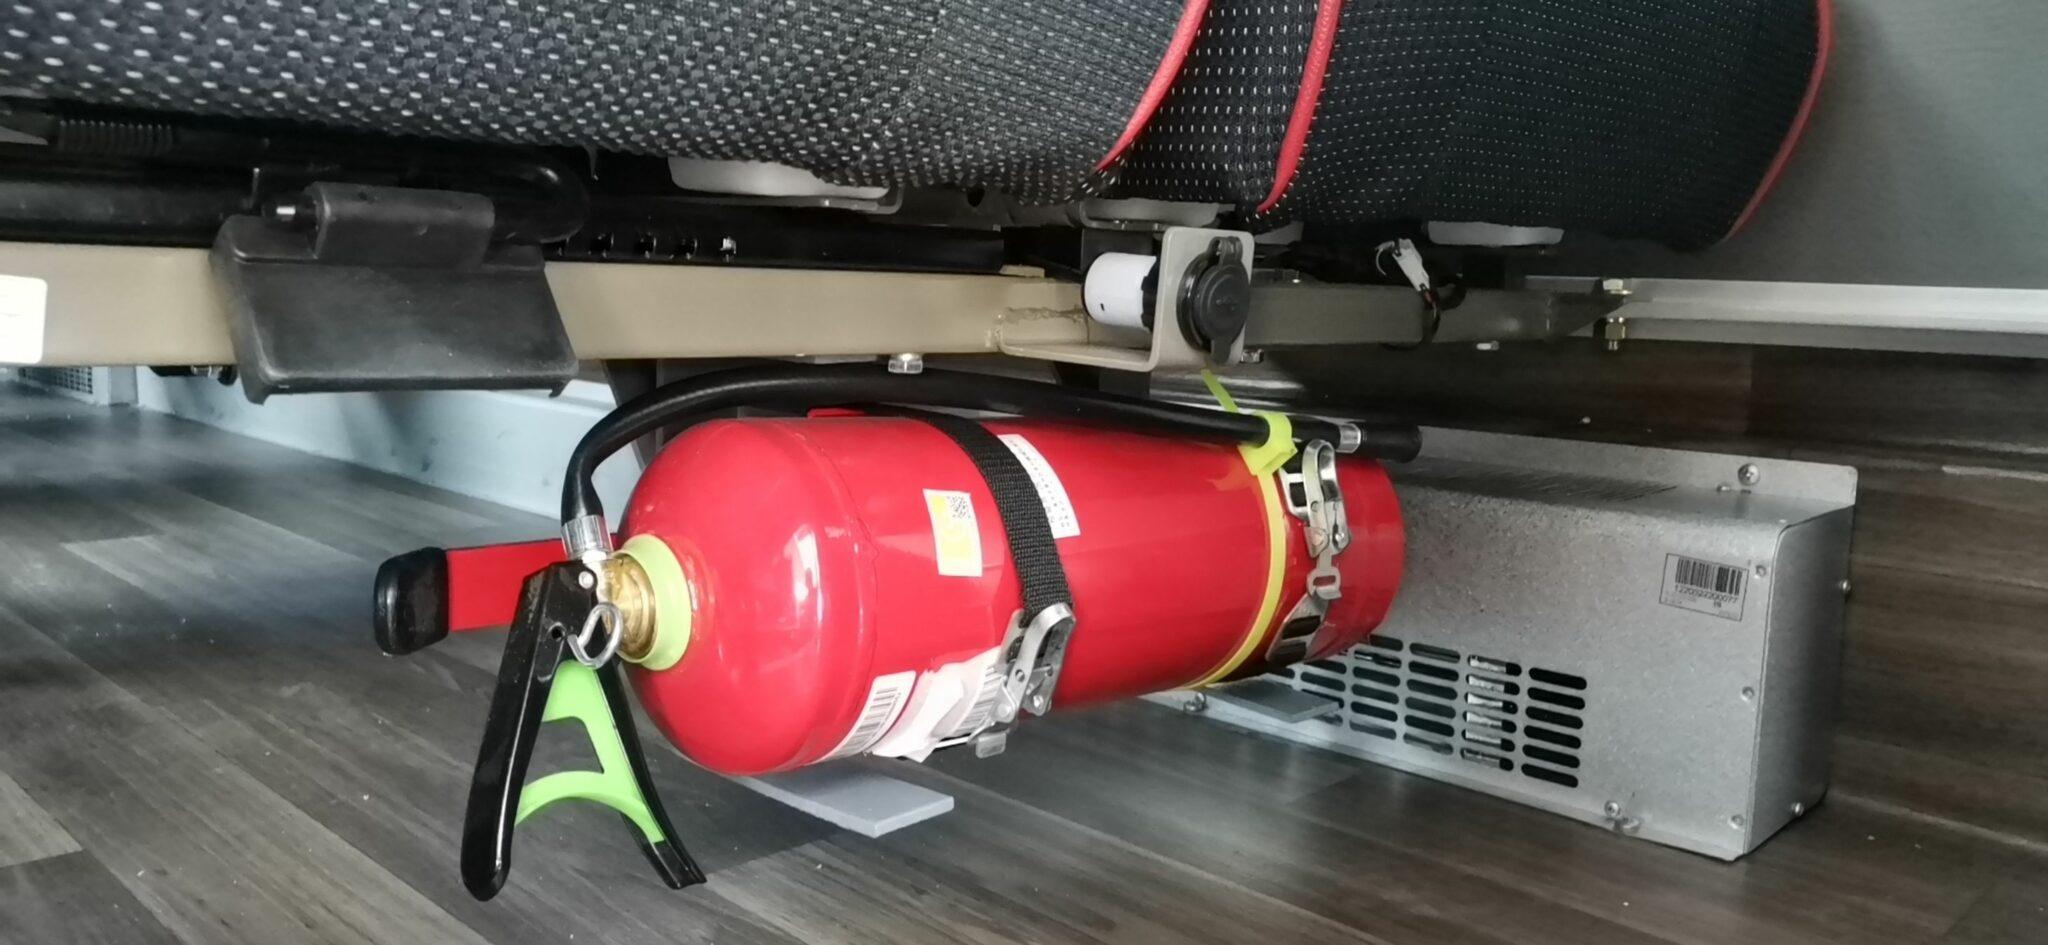 Способ крепления огнетушителя в автобусе для детей